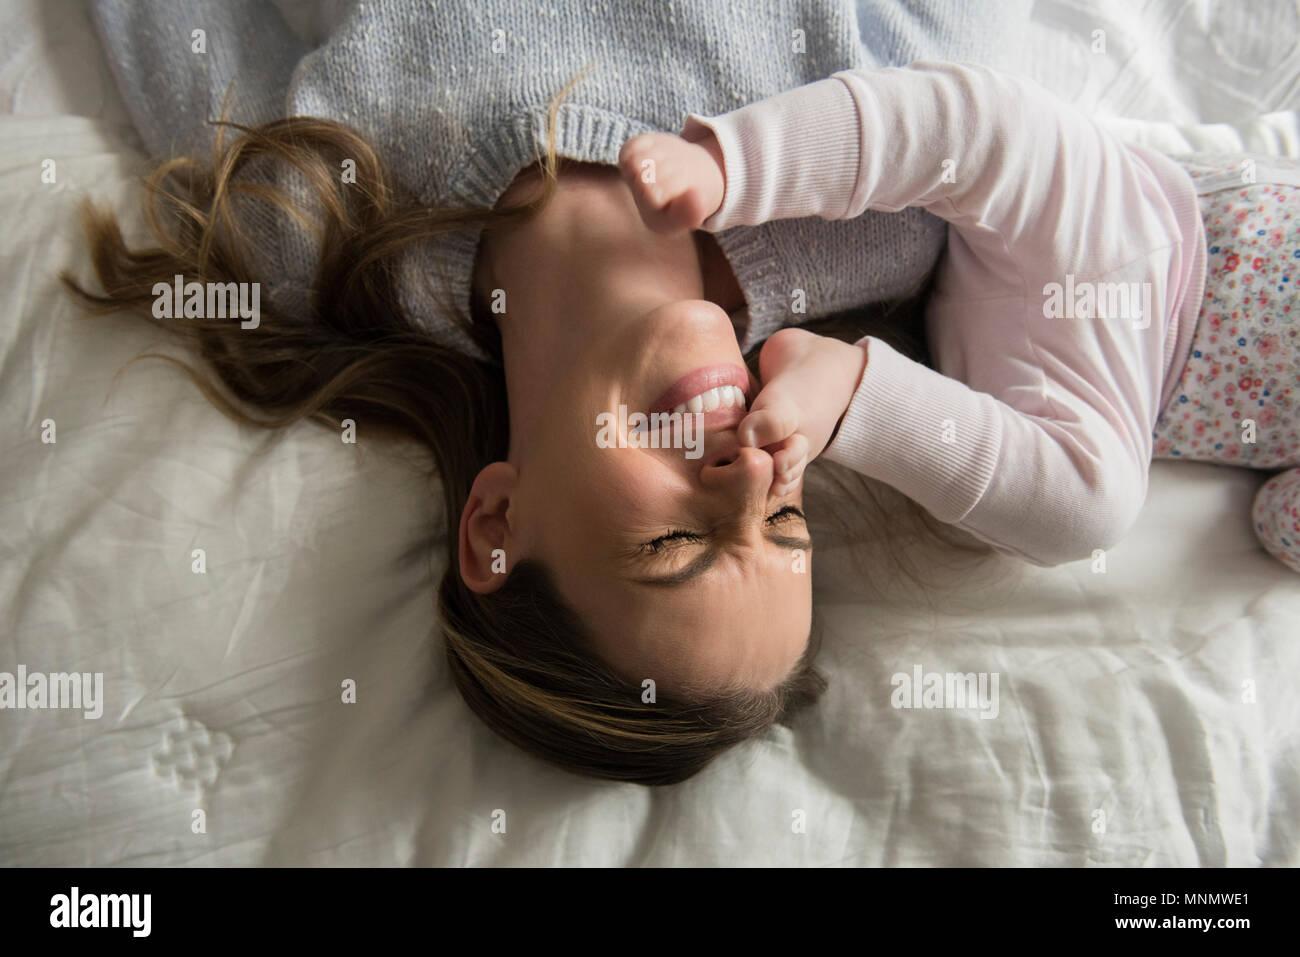 La madre gioca con il bambino (18-23 mesi) Immagini Stock